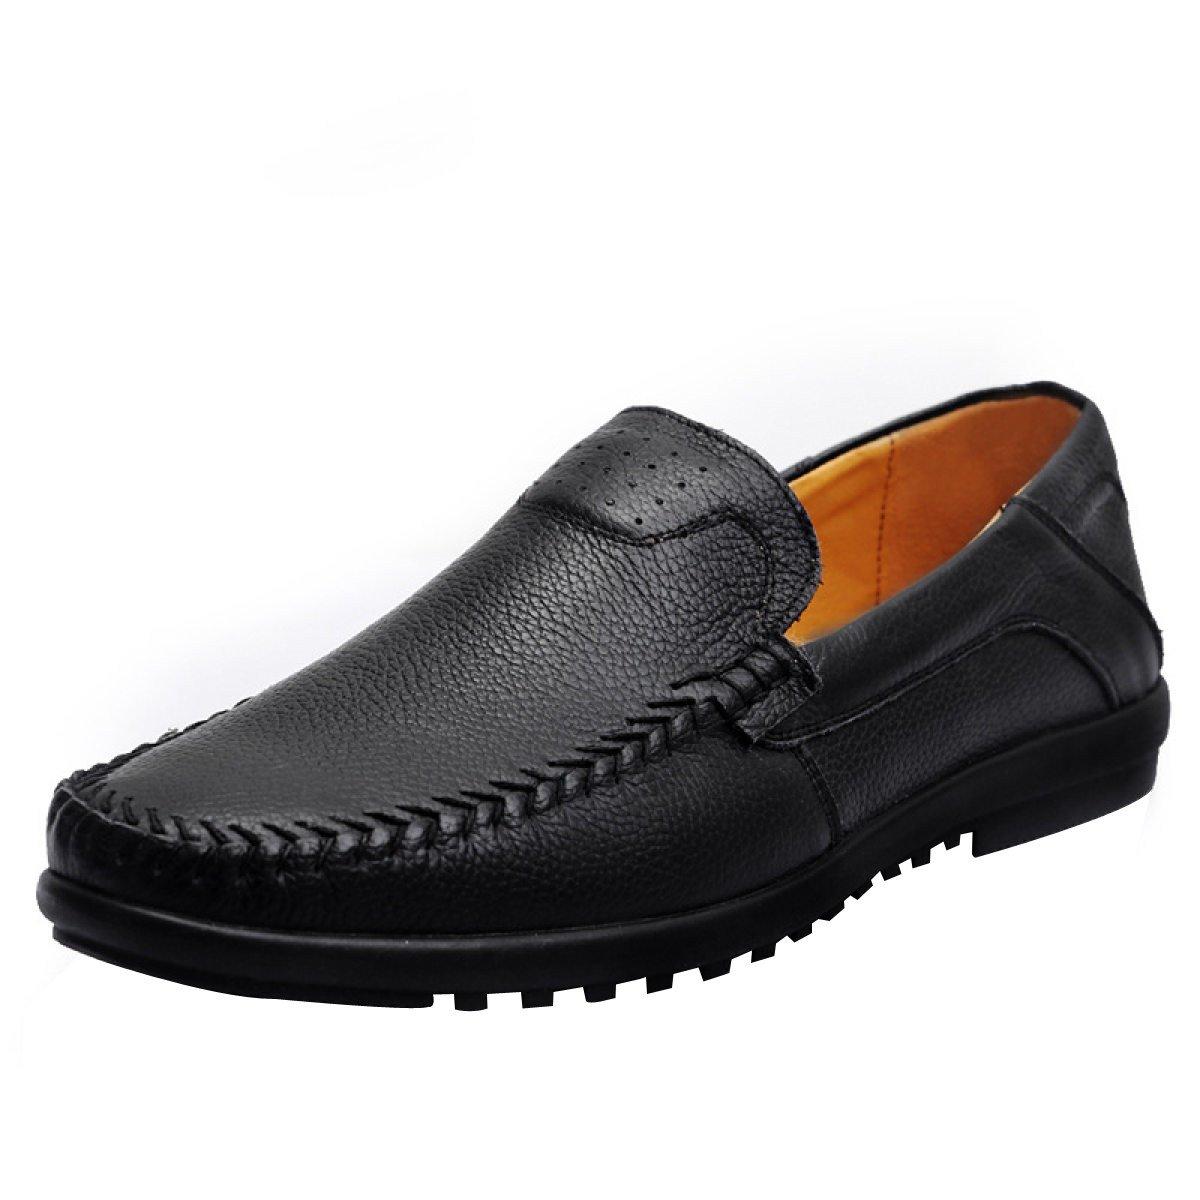 Zapatillas De Deporte De Cuero De Los Hombres Ocasionales Calientes Deslizan Encendido 42|Black Black